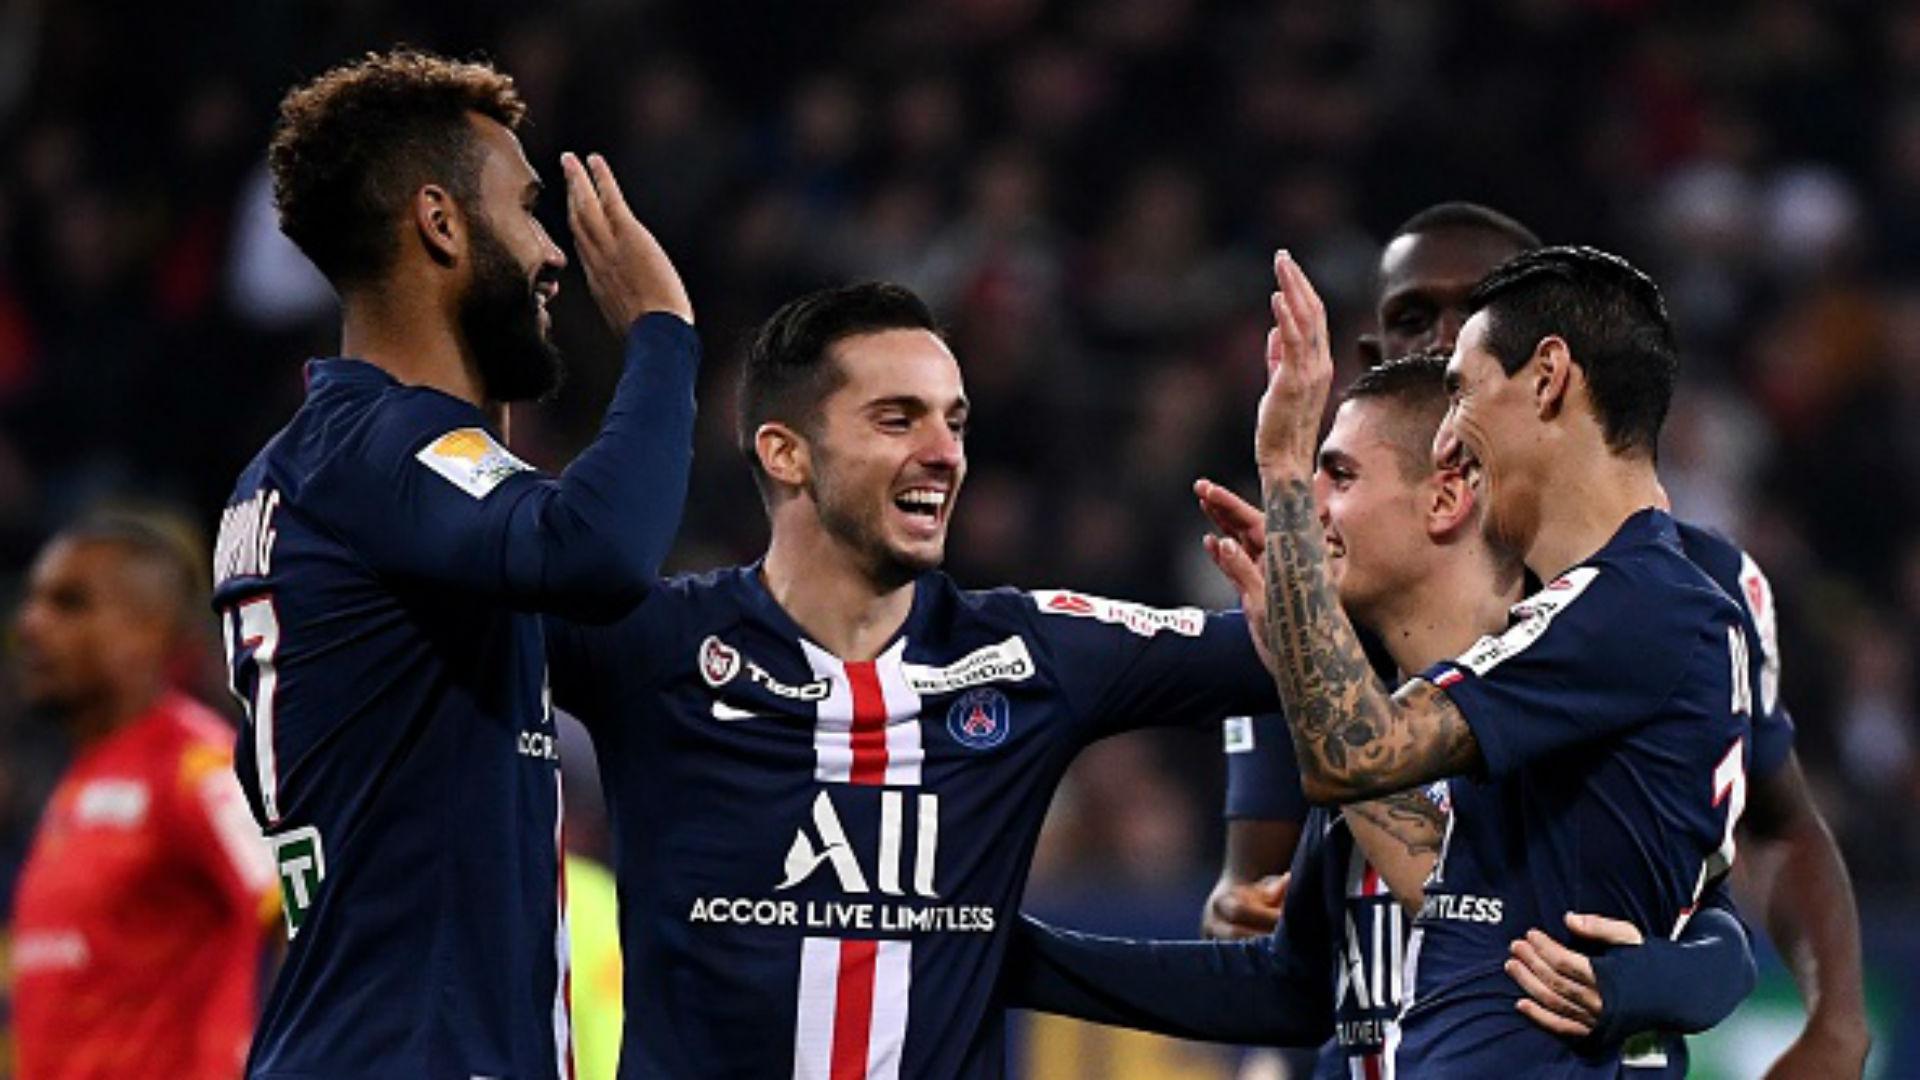 Coupe de la Ligue - Le Mans-PSG (1-4) : même sans Neymar, Paris déroule